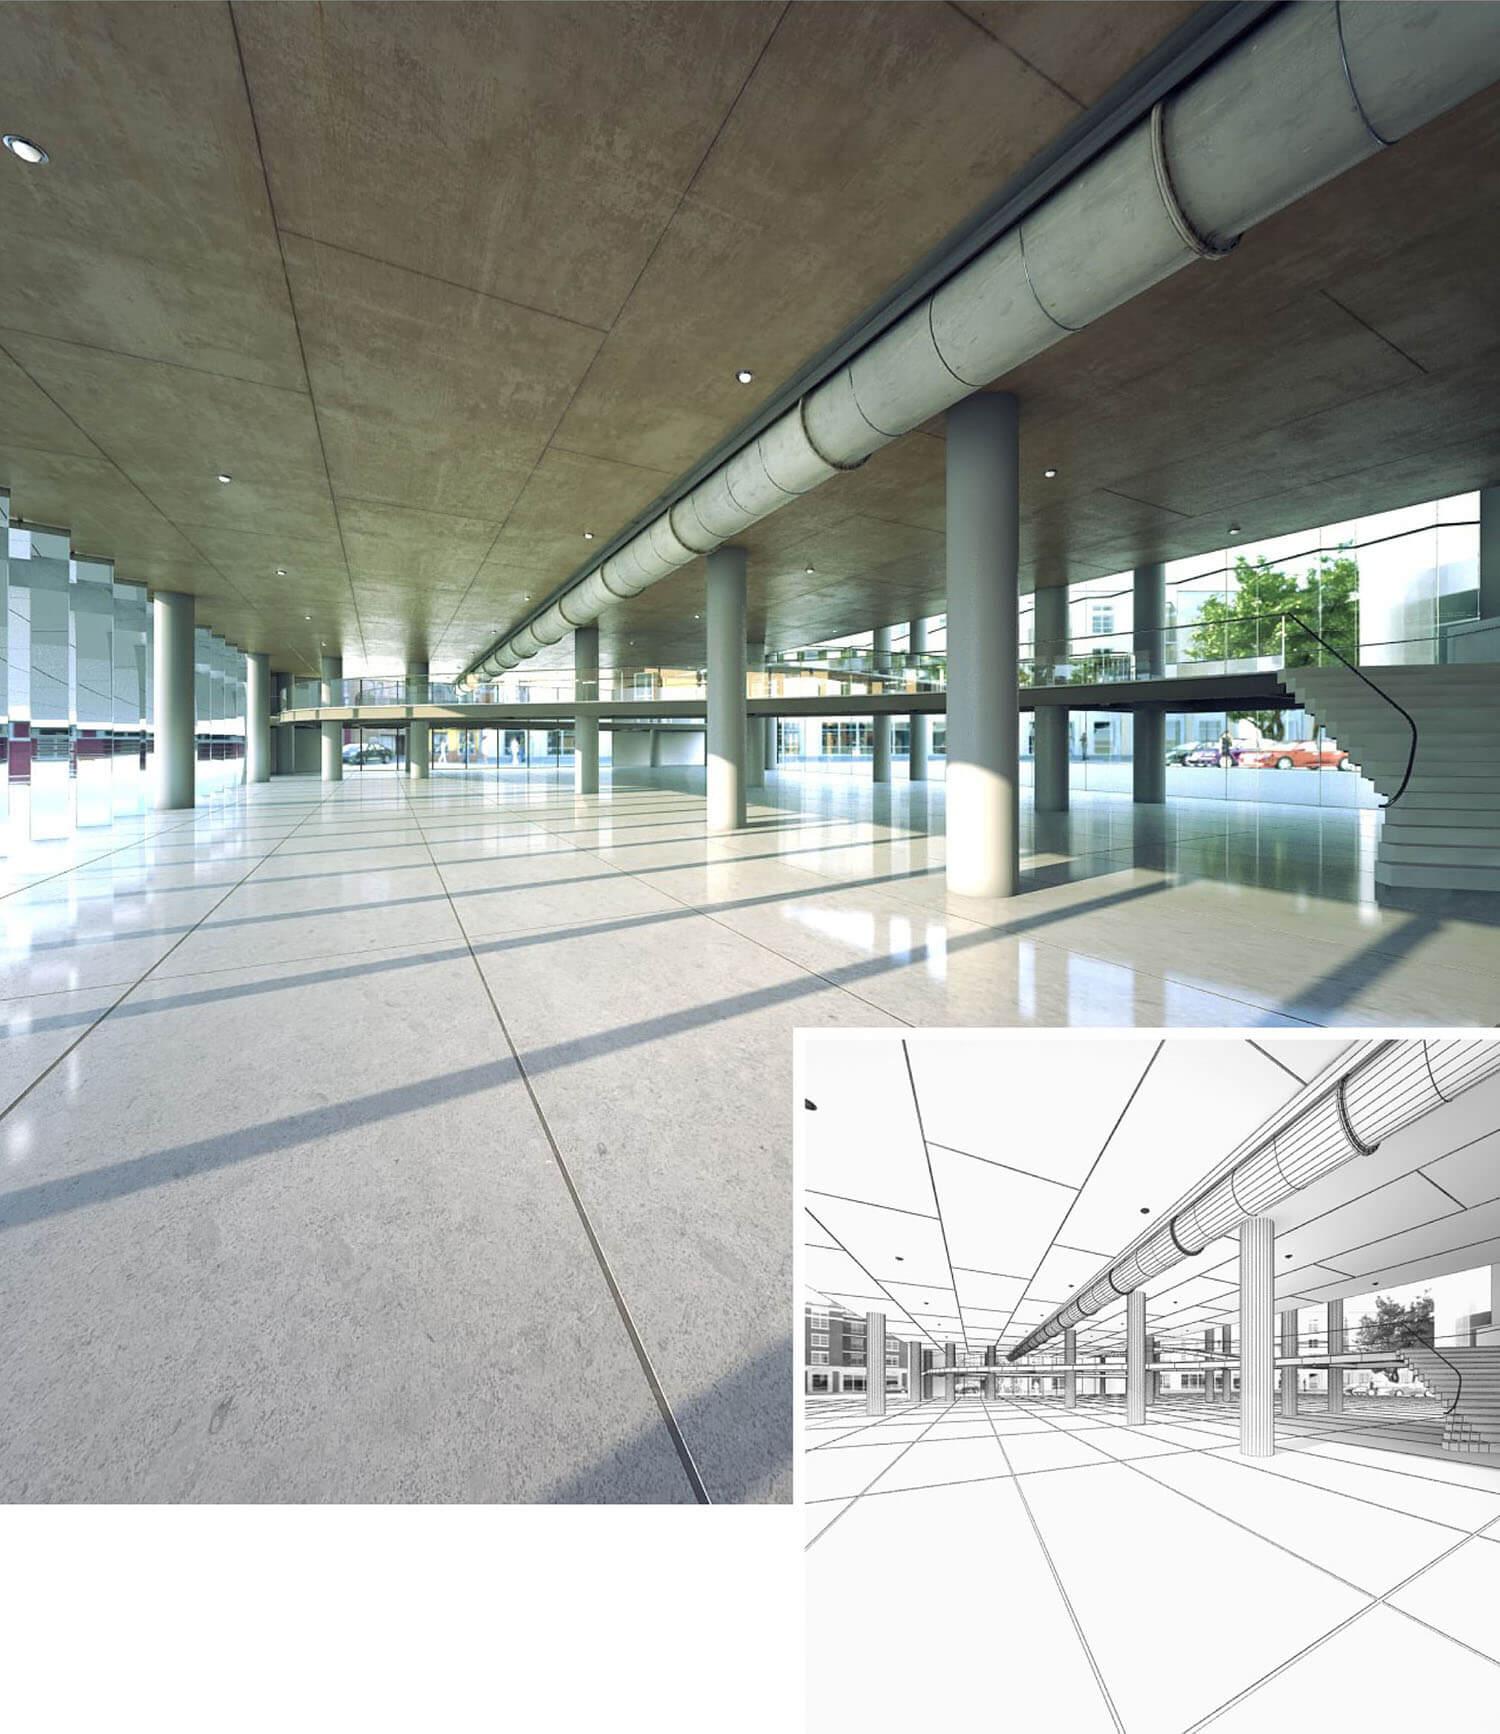 Thiết kế không gian sảnh nhà ga sân bay